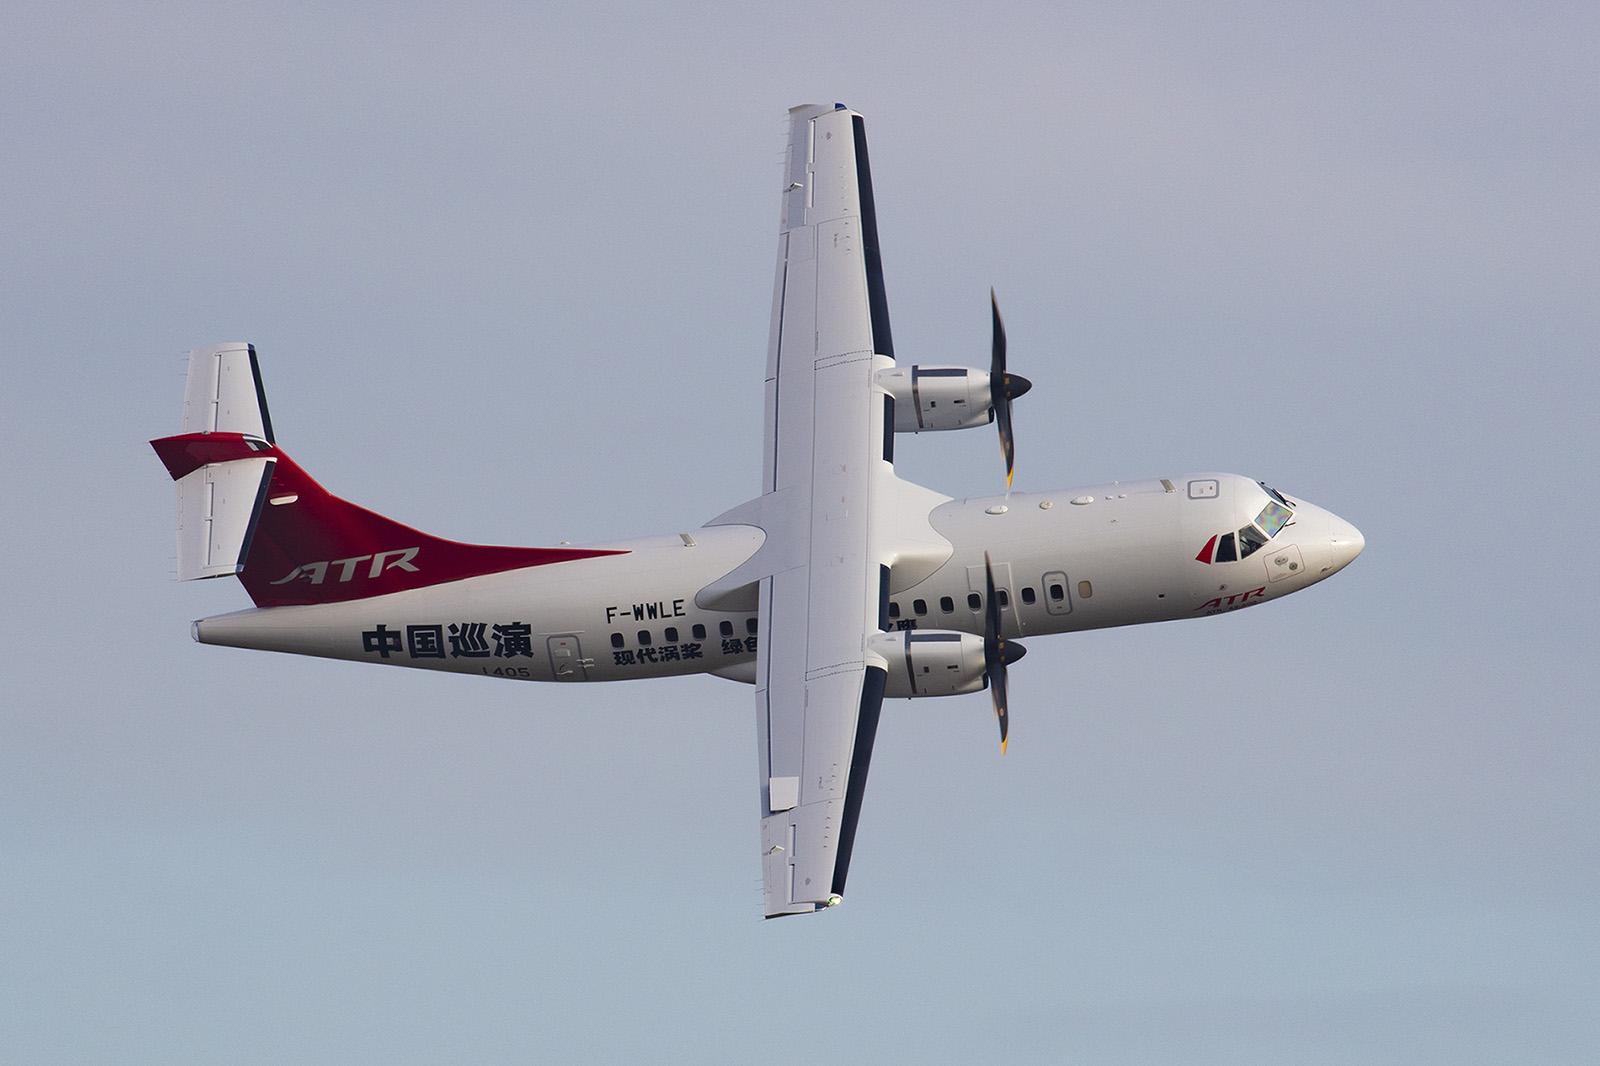 Beeindruckende Vorführung der ATR-42.